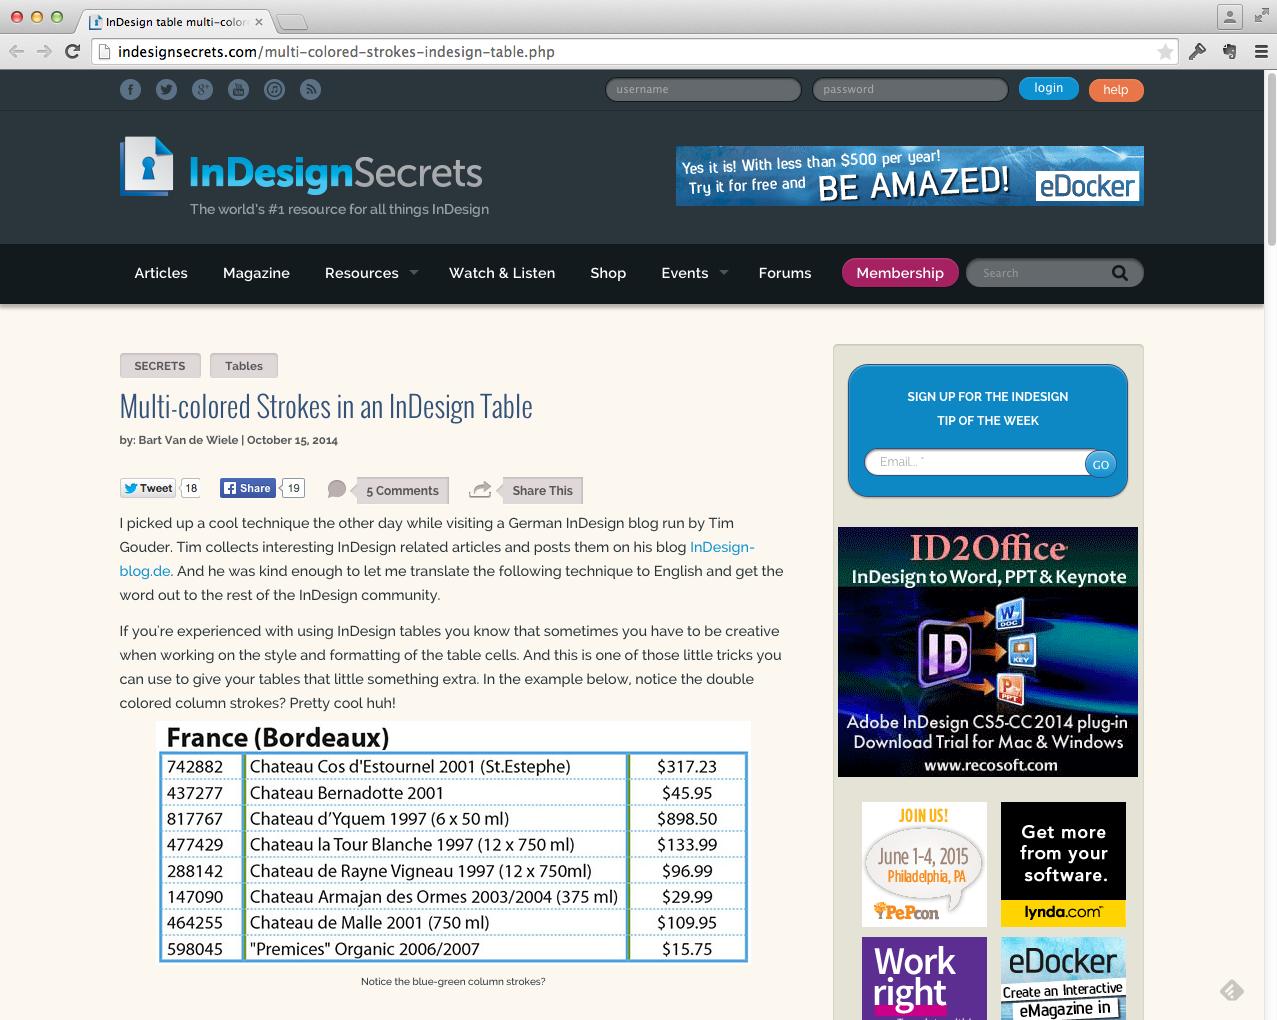 Tipp&Trick Veröffentlichung auf InDesignSecrets.com